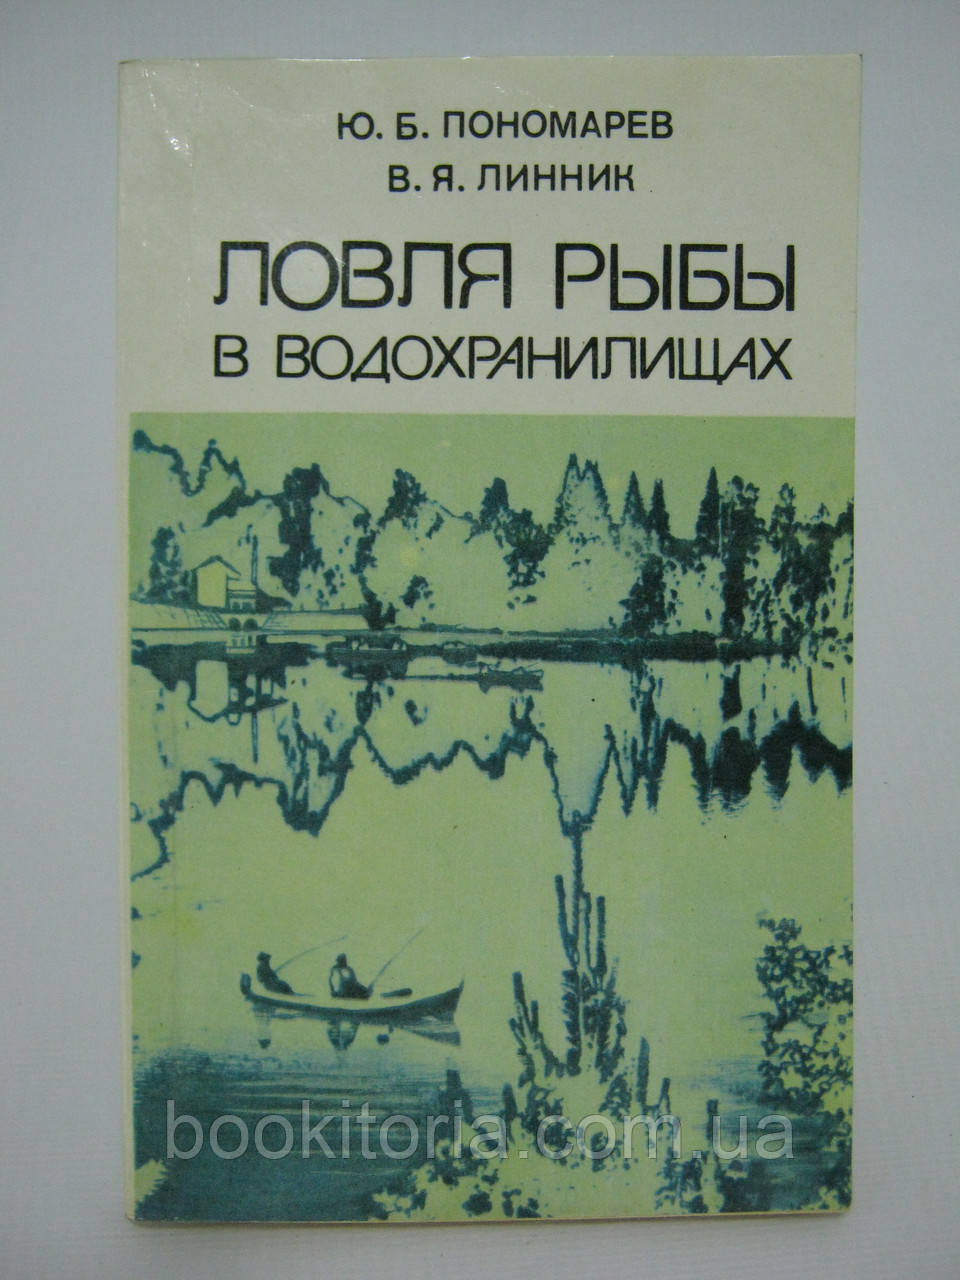 Пономарев Ю.Б., Линник В.Я. Ловля рыбы в водохранилищах (б/у).